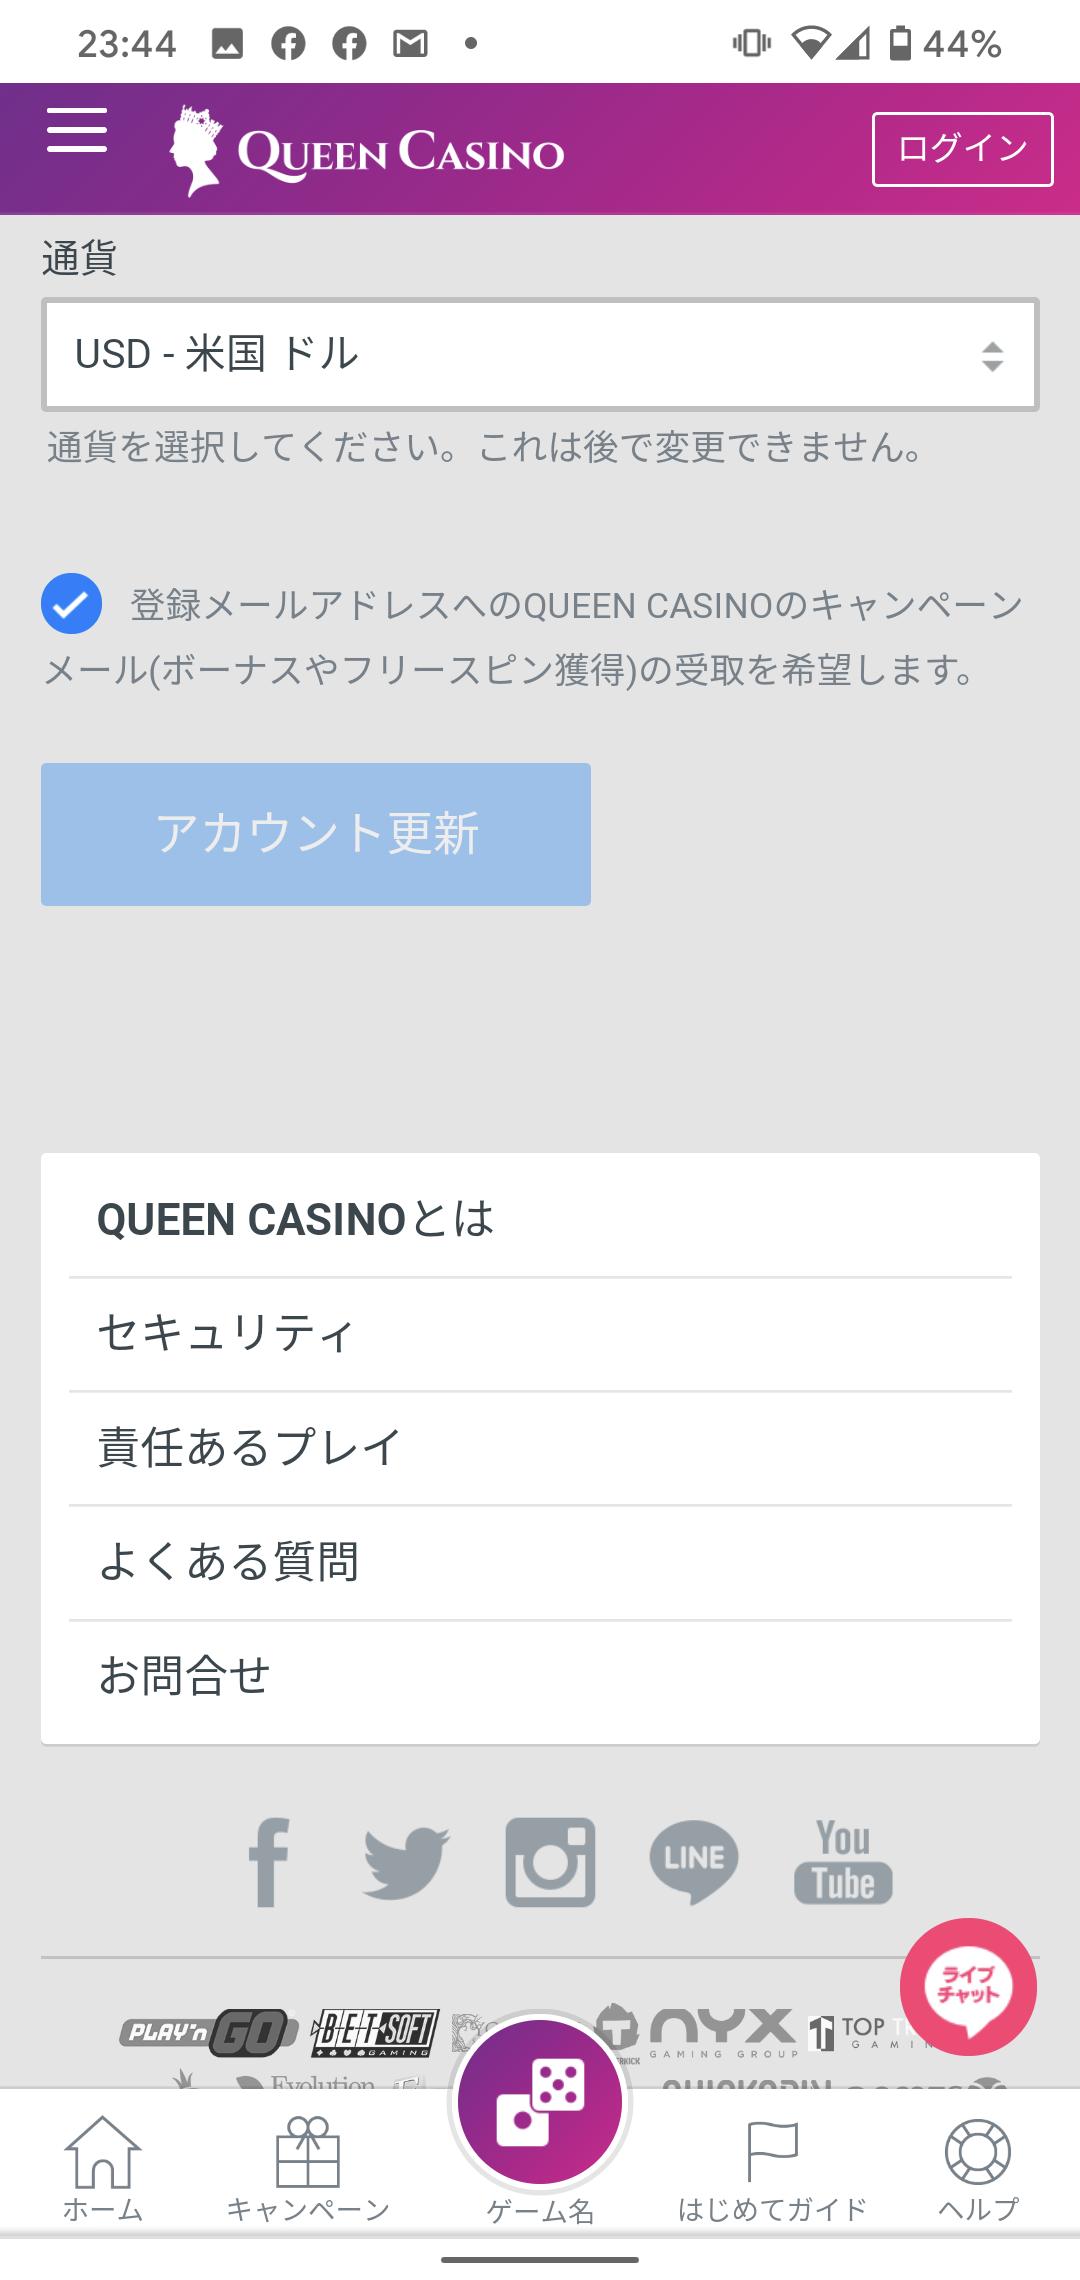 クイーンカジノ登録